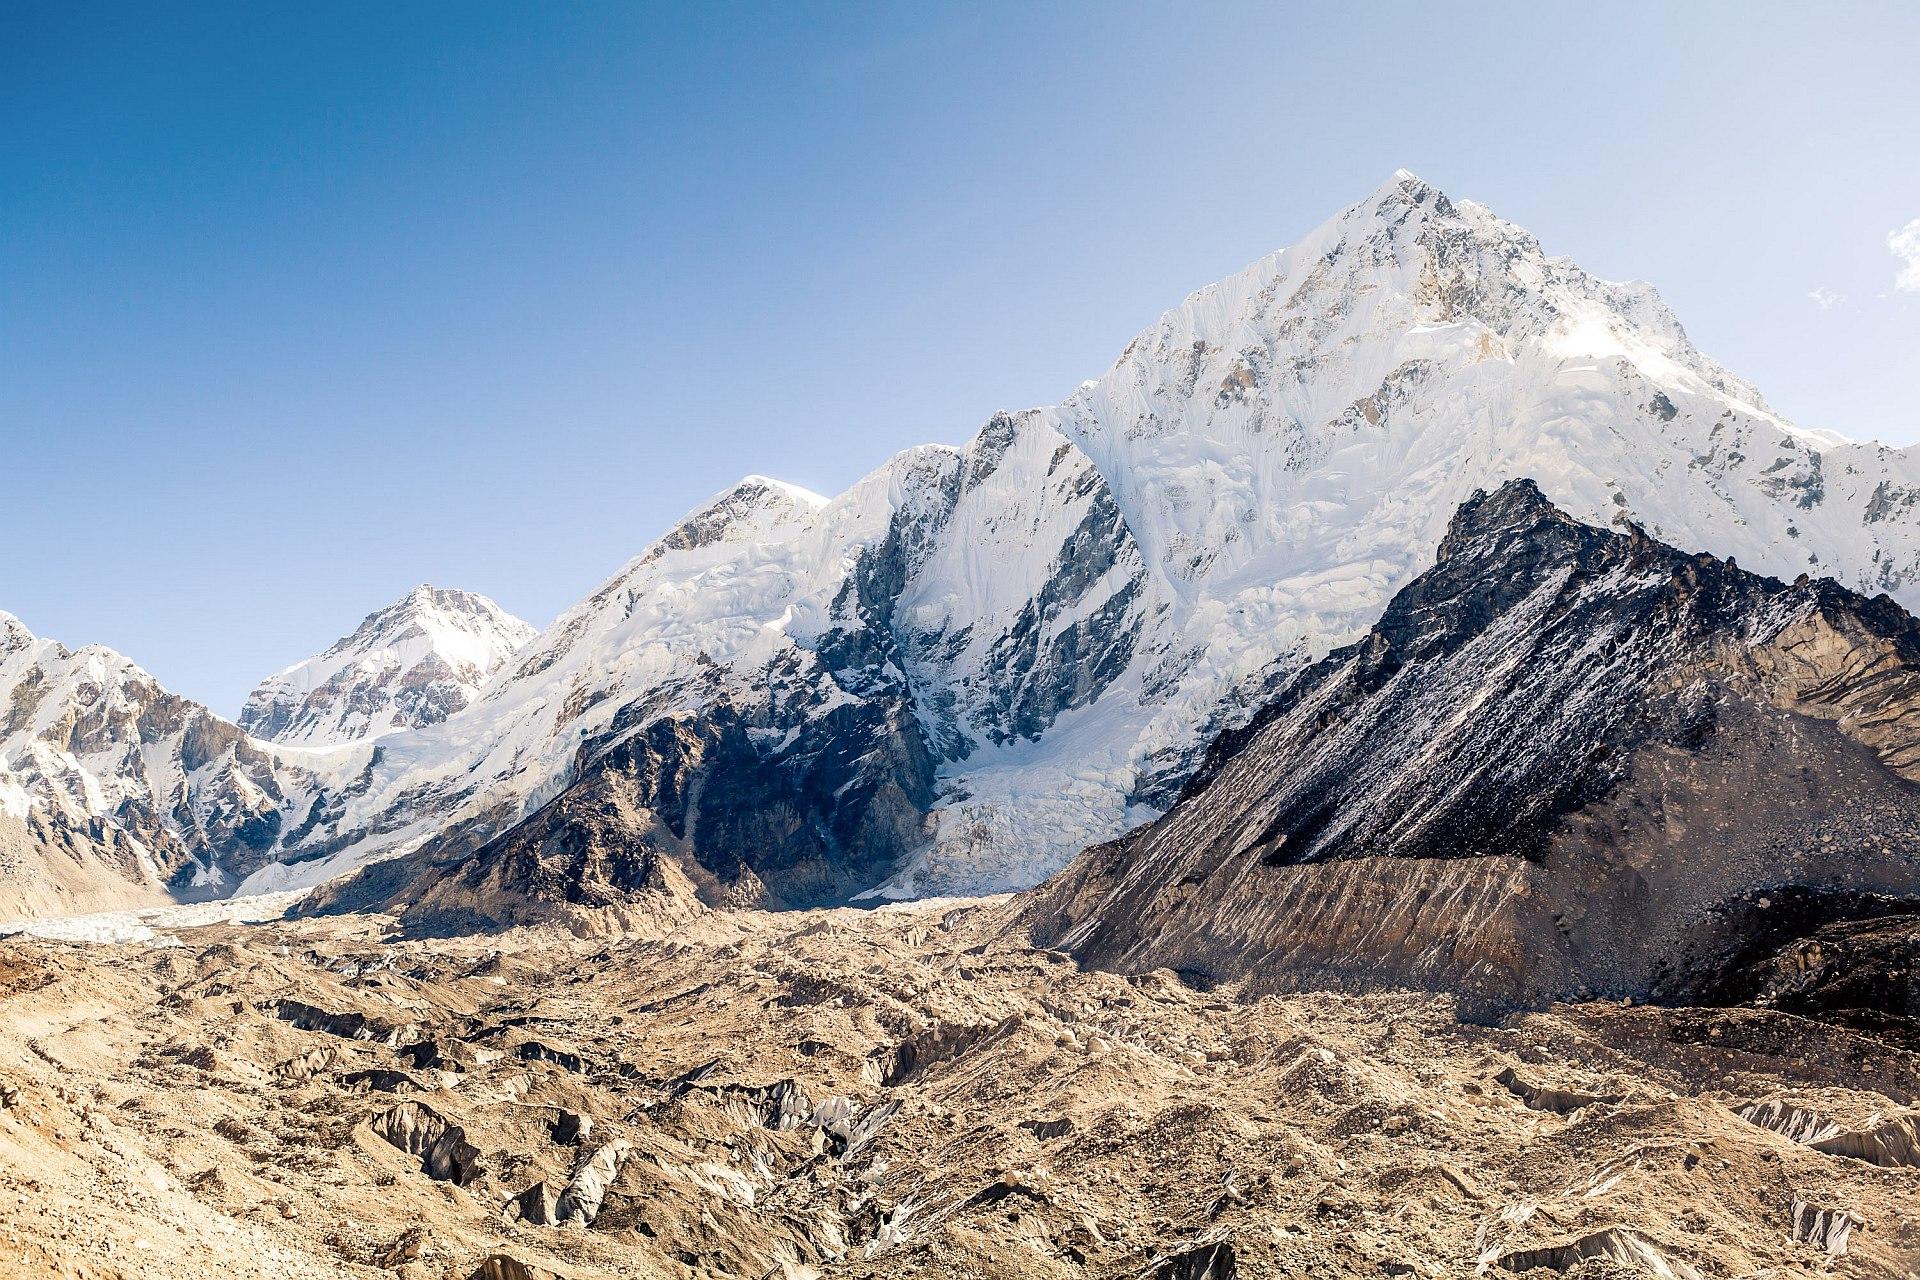 Szczyty Lotse i Nuptse, lodowiec Khumbu, Himalaje, Nepal